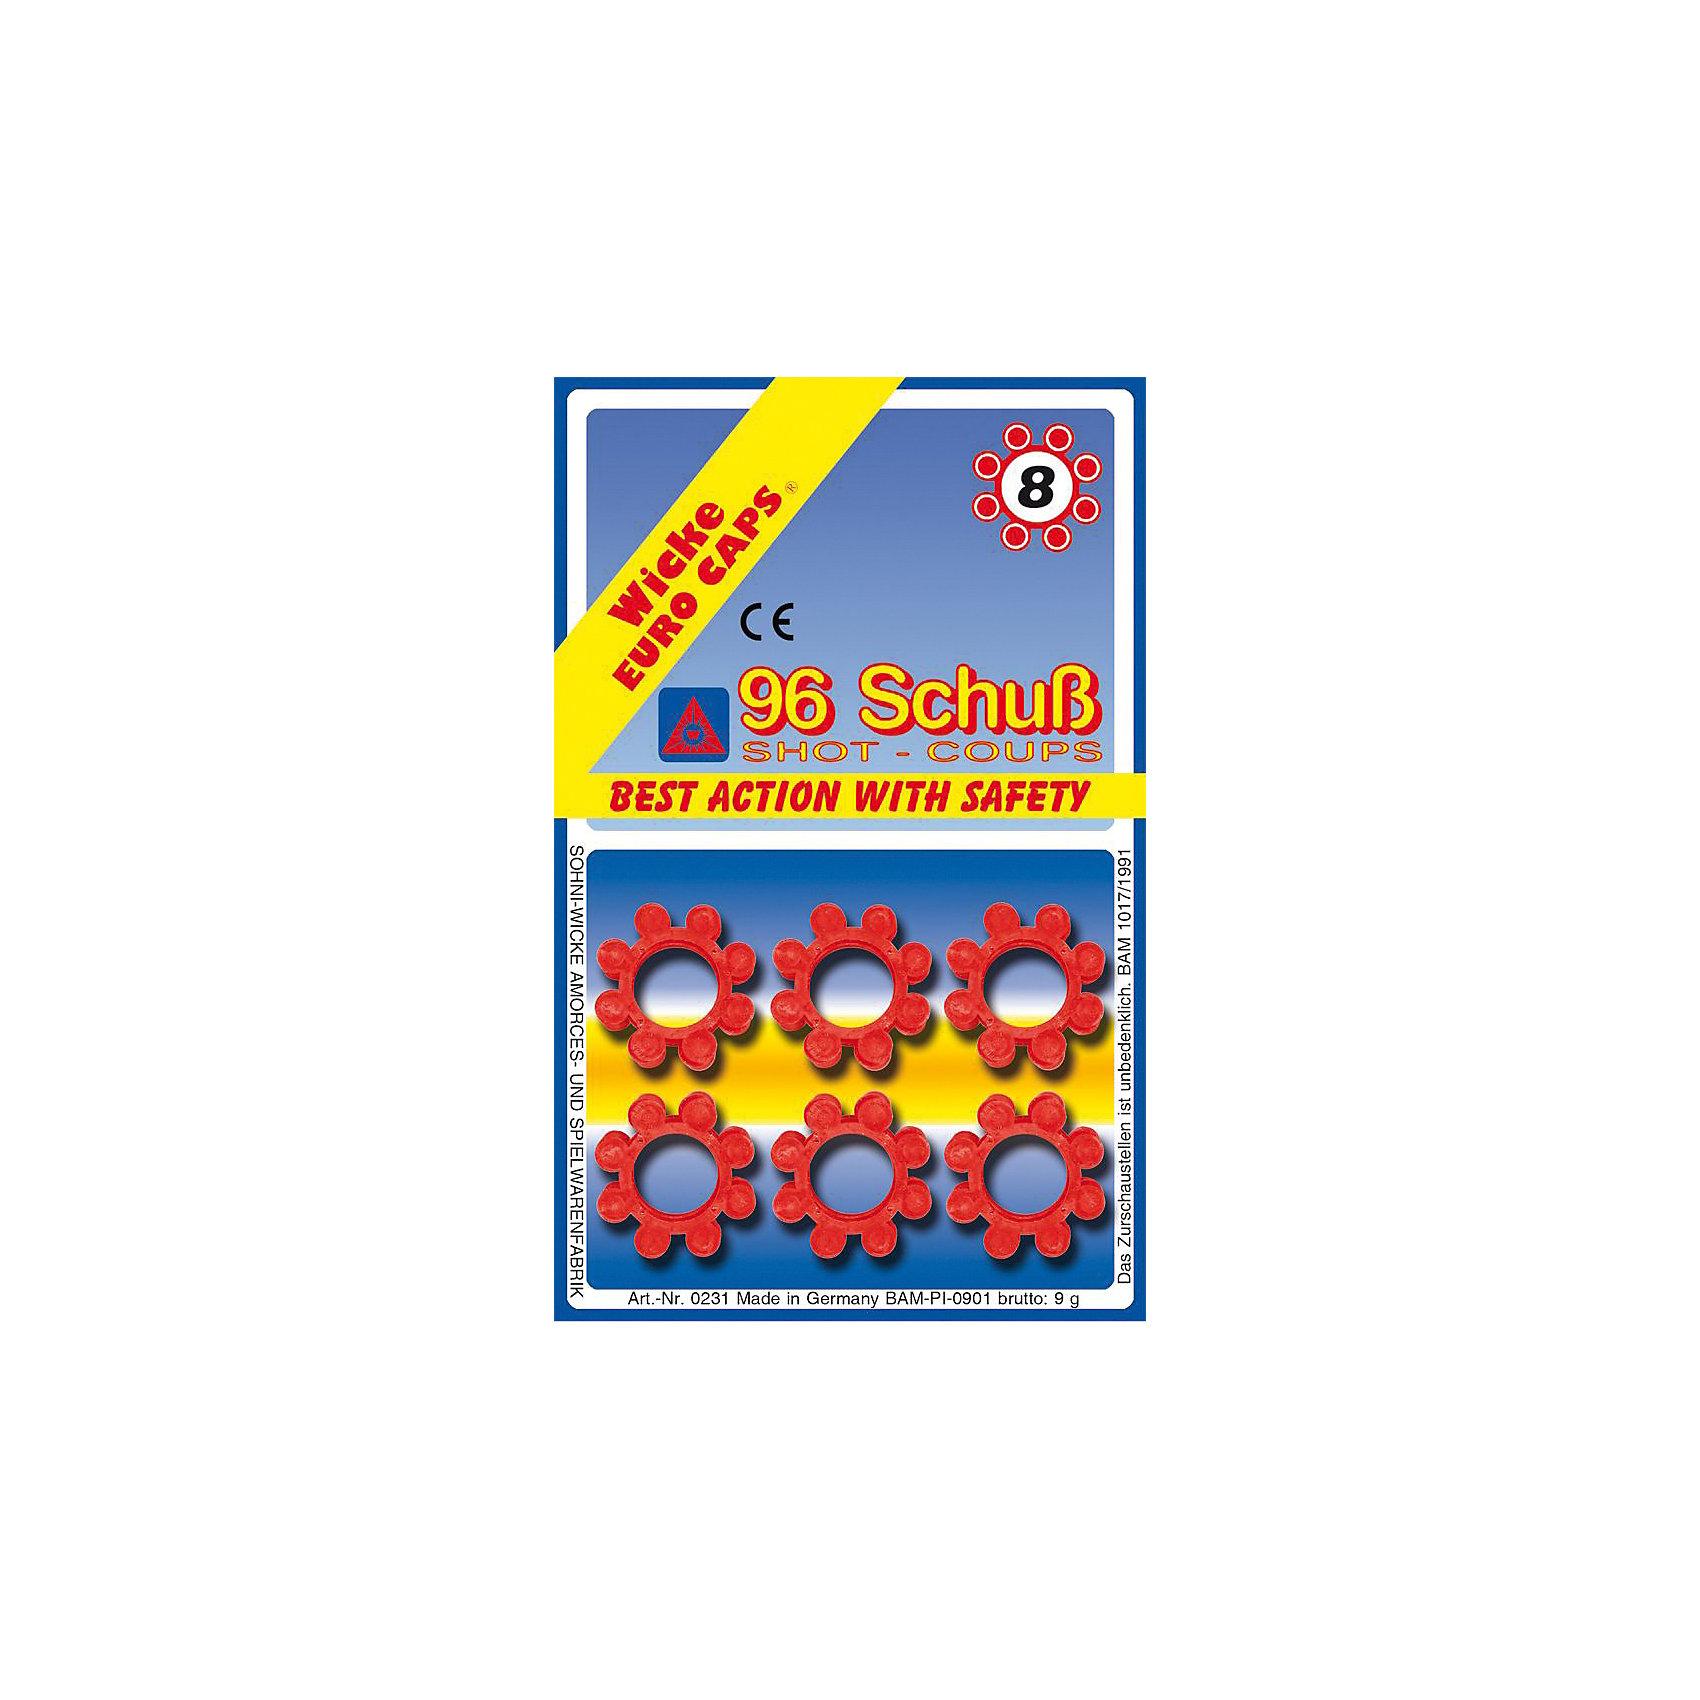 8-зарядные пистоны, 96 шт,  Sohni-Wicke8-зарядные пистоны, 96 шт,  Sohni-Wicke (Сони-Вике) – это набор пластиковых пистонов, рассчитанных на 96 выстрелов.<br>Стартовый набор 8-зарядных пистонов. Подходит для детского оружия соответствующей ёмкости магазина: винтовки Arizona и Rapid Fire, пистолеты Schrodel, Jerry, Jerry АГЕНТ, Mega Gun АГЕНТ, Olly, Powerman, Ringo, Ringo АГЕНТ и Texas Rapido. Сони-Вике (Sohni-Wicke) - один из основных производителей пистонных пистолетов и винтовок, а также пистонов для игрушечного оружия в Европе. Пистоны и пистолеты компании прошли все испытания в соответствии с европейскими стандартами качества. Используйте пистоны на достаточном расстоянии от лица и ушей. Стрельба из пистонных пистолетов на близком расстоянии к ушам может привести к повреждению слуха. Не стреляйте в помещении.<br><br>Дополнительная информация:<br><br>- В комплекте: 12 обойм пистонов (по 8 зарядов)<br>- Материал: пластик<br>- Упаковка: блистер<br>- Размер упаковки: 150х94х90 мм.<br>- Рекомендуемый возраст: от 8 лет<br>- Внимание: мелкие детали! Игрушка не подходит для детей младше 3 лет<br>- До использования игрушки обязательно ознакомьтесь с мерами безопасности и рекомендациями во время игры<br><br>8-зарядные пистоны, 96 шт,  Sohni-Wicke (Сони-Вике) можно купить в нашем интернет-магазине.<br><br>Ширина мм: 150<br>Глубина мм: 94<br>Высота мм: 90<br>Вес г: 100<br>Возраст от месяцев: 96<br>Возраст до месяцев: 168<br>Пол: Мужской<br>Возраст: Детский<br>SKU: 3838996